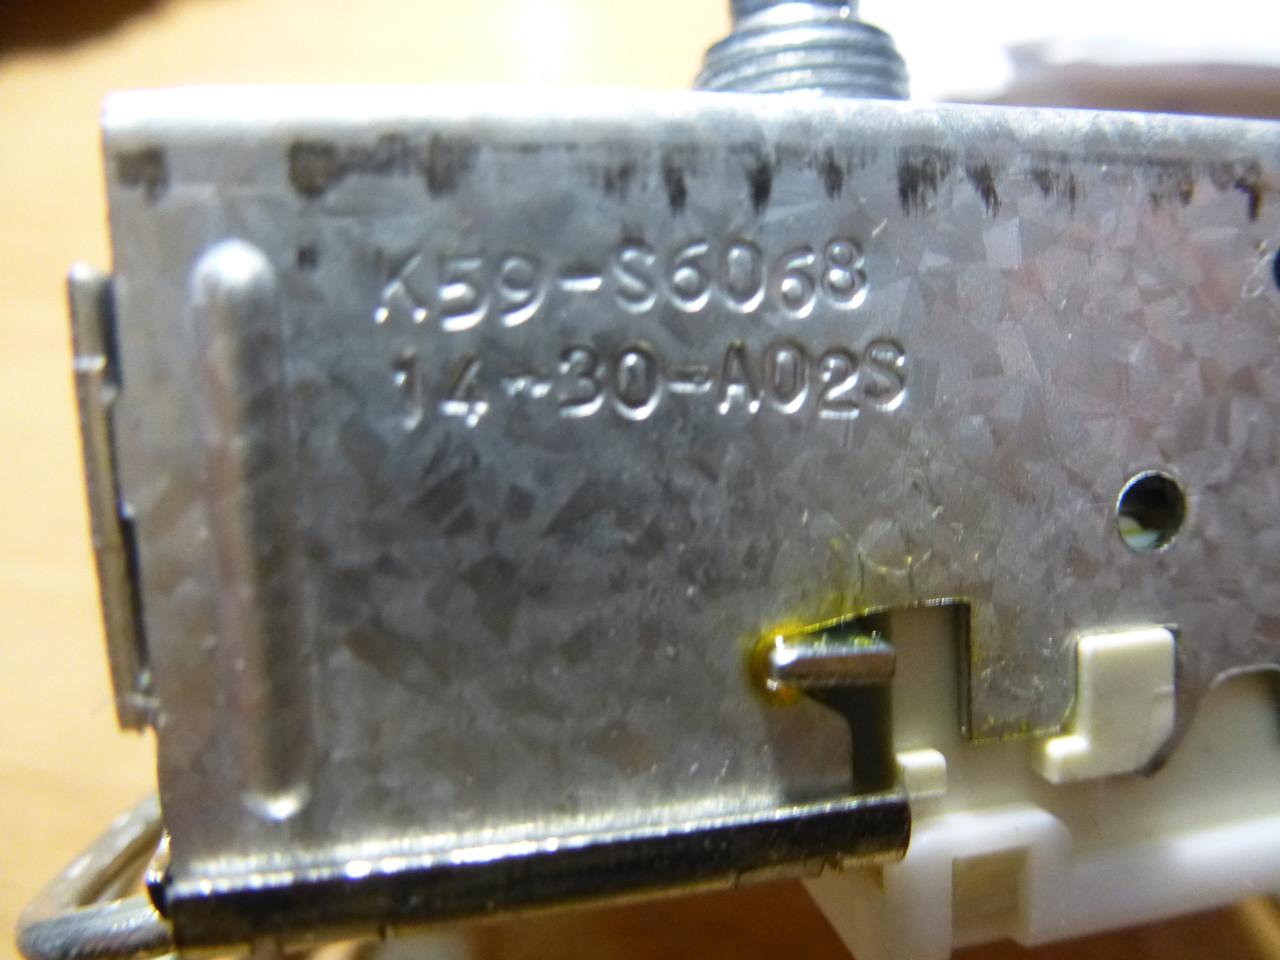 Термостат K-59 S6068 Италия (908081450704)